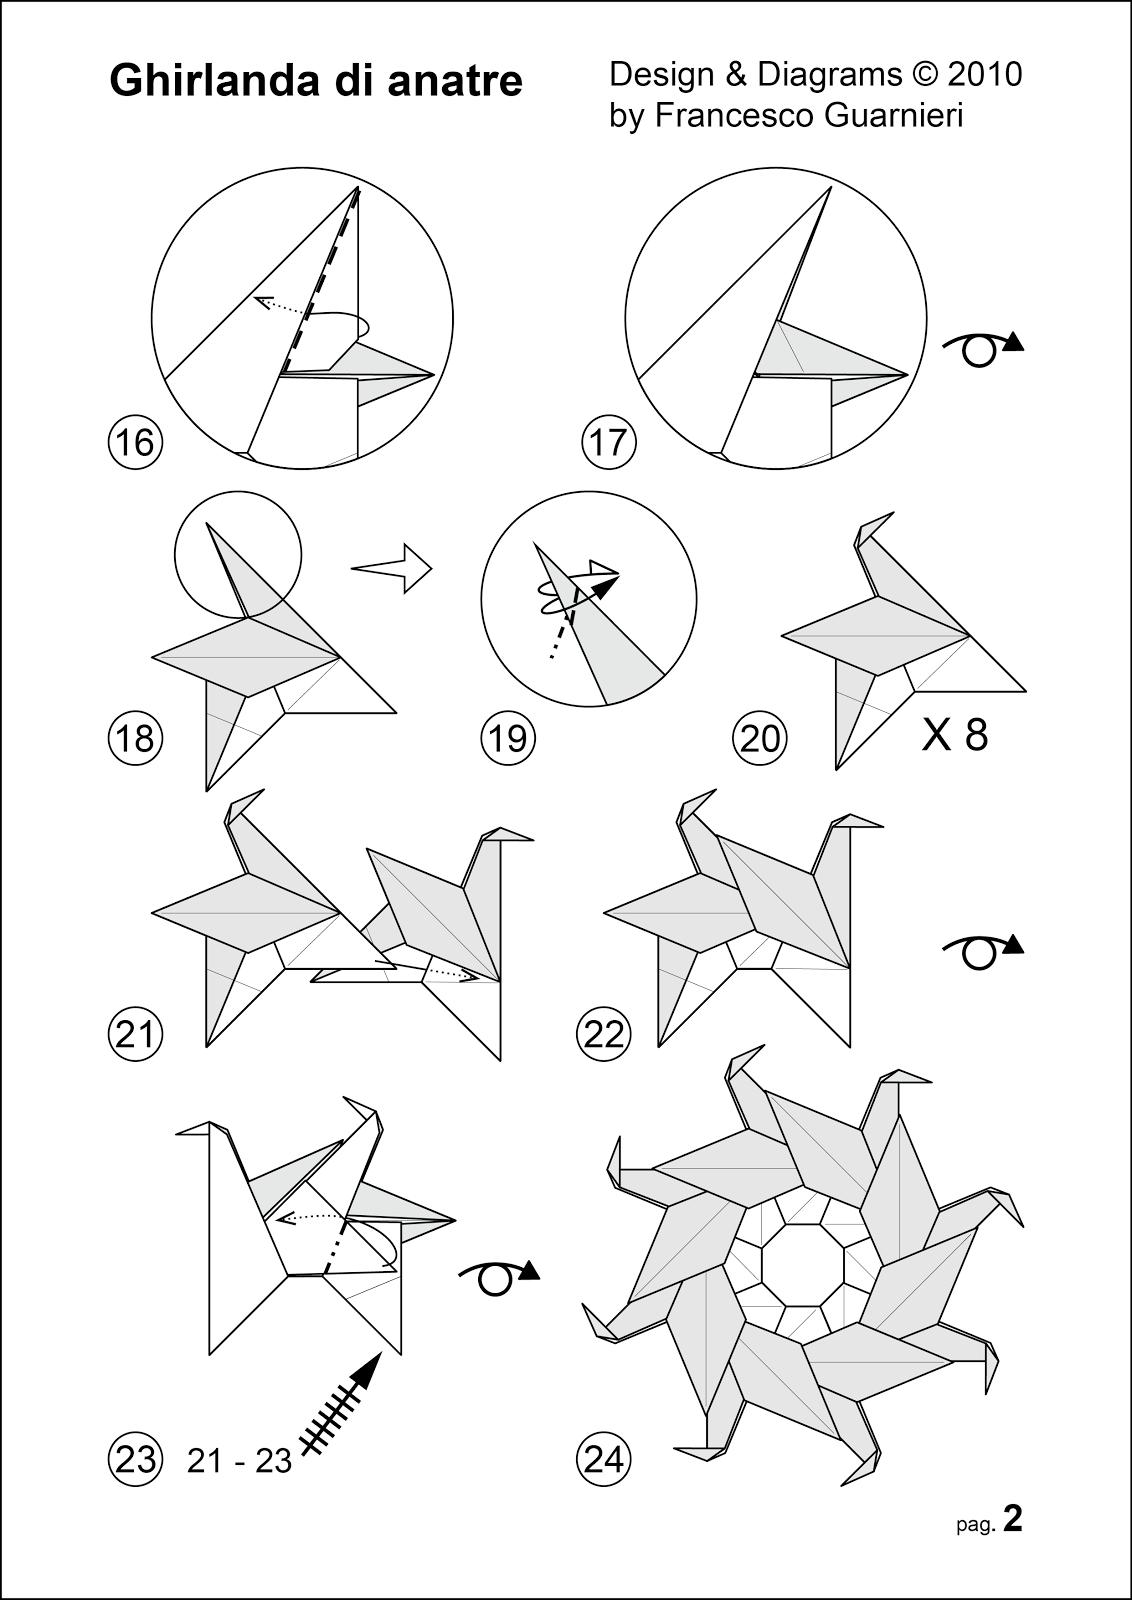 Diagramms Pag 2 Ghirlanda Di Anatre